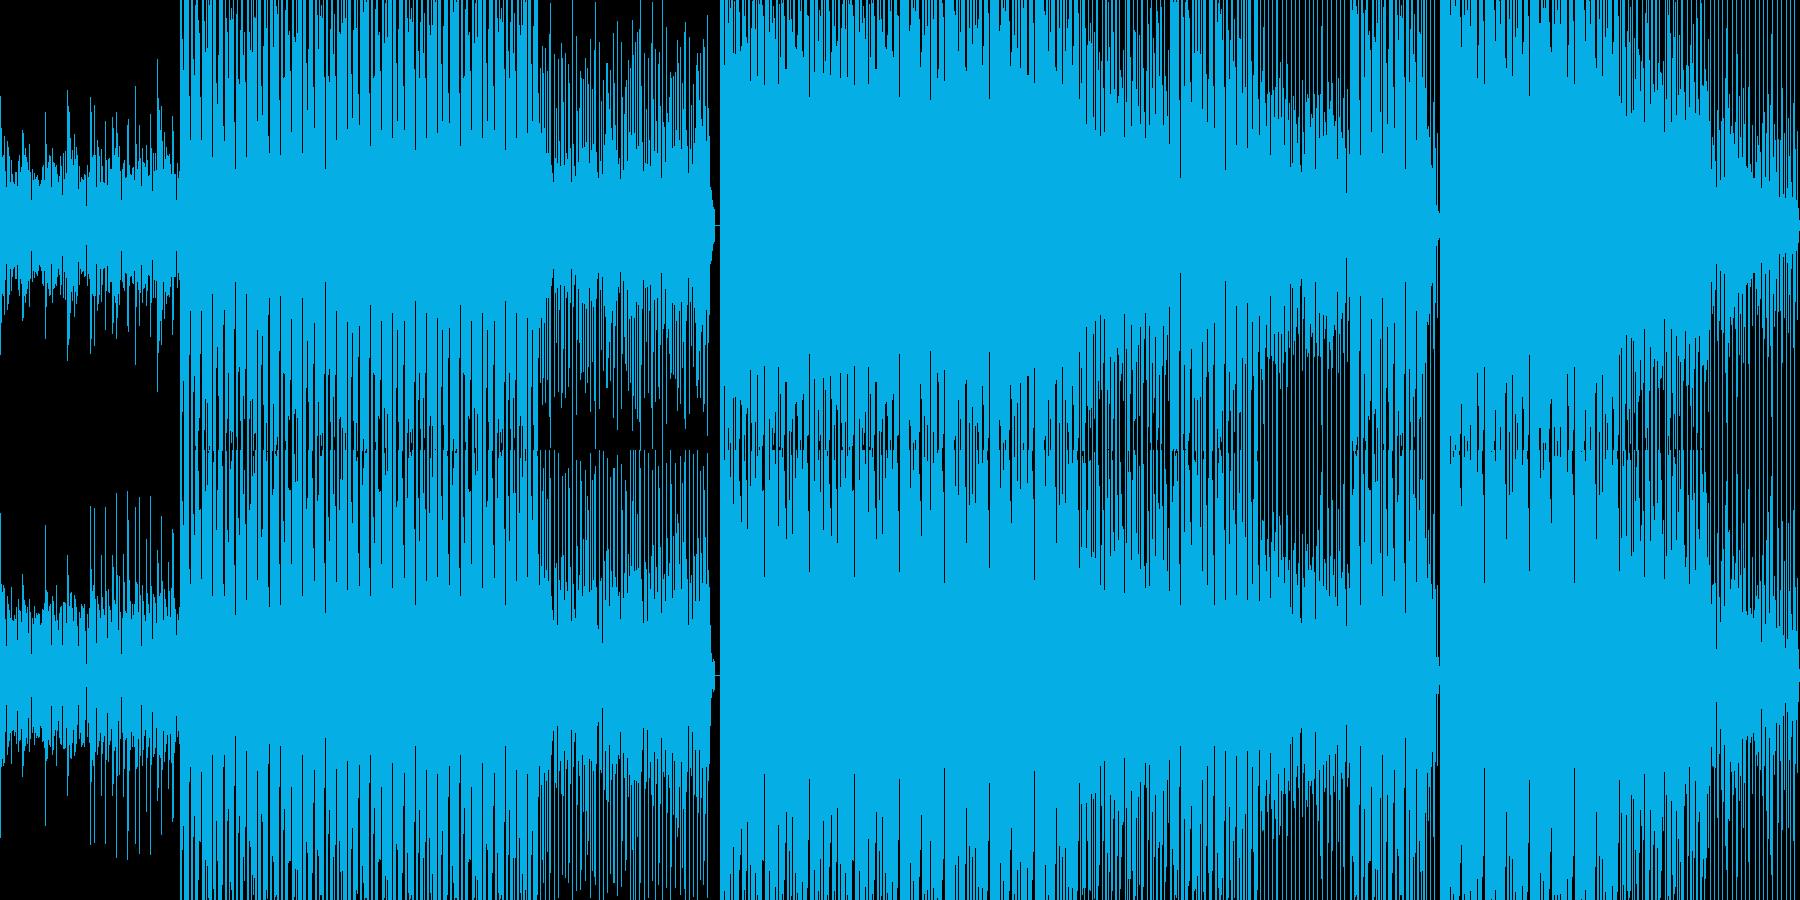 ポップなハウスBGMの再生済みの波形